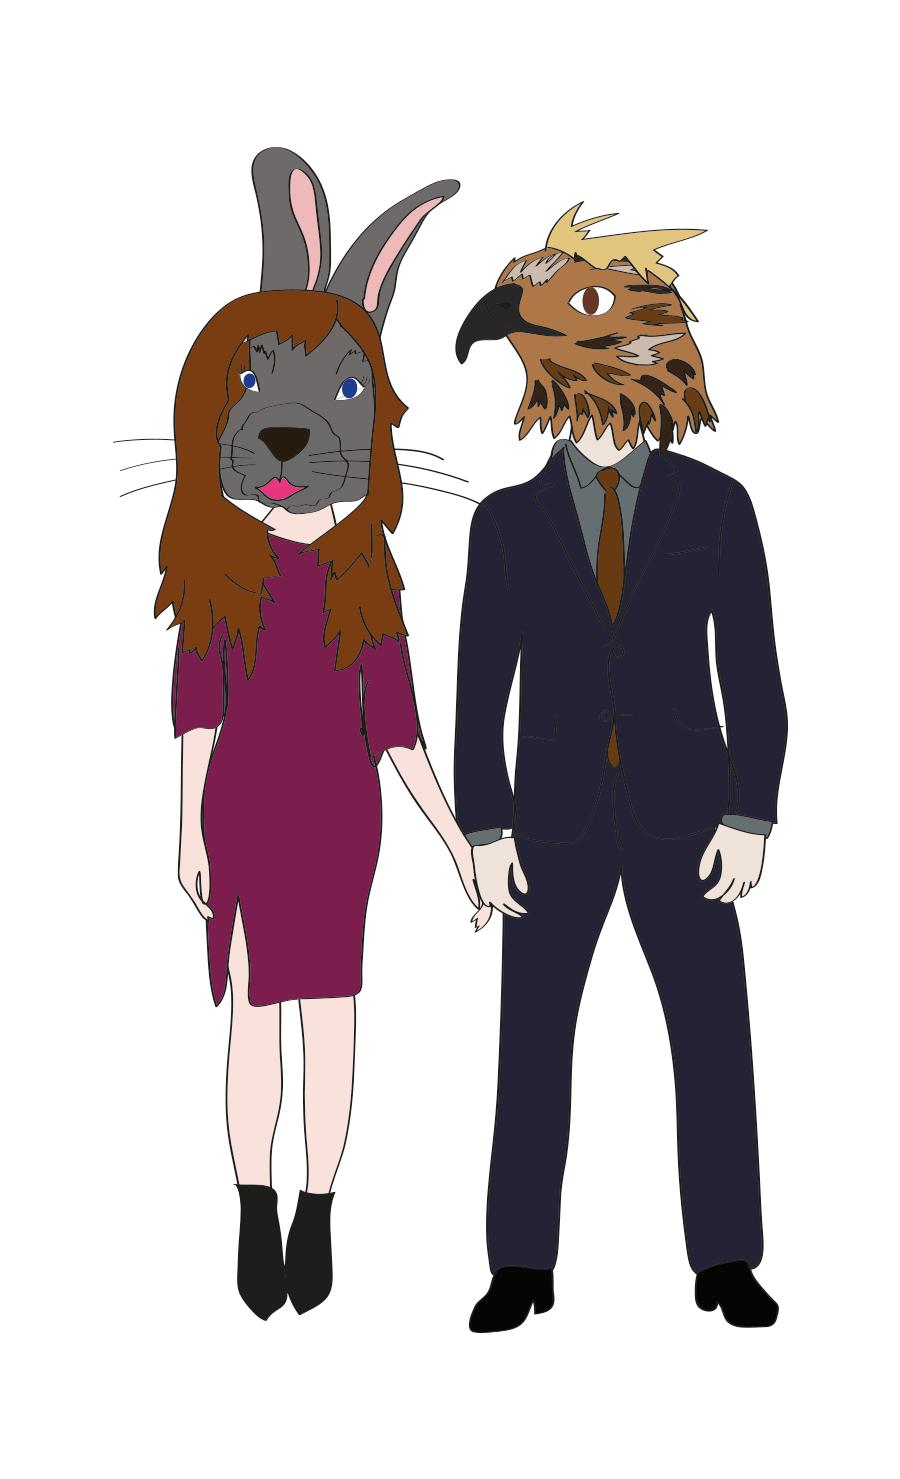 Interspecies couple: Hot Bunny + Sexy Hawk